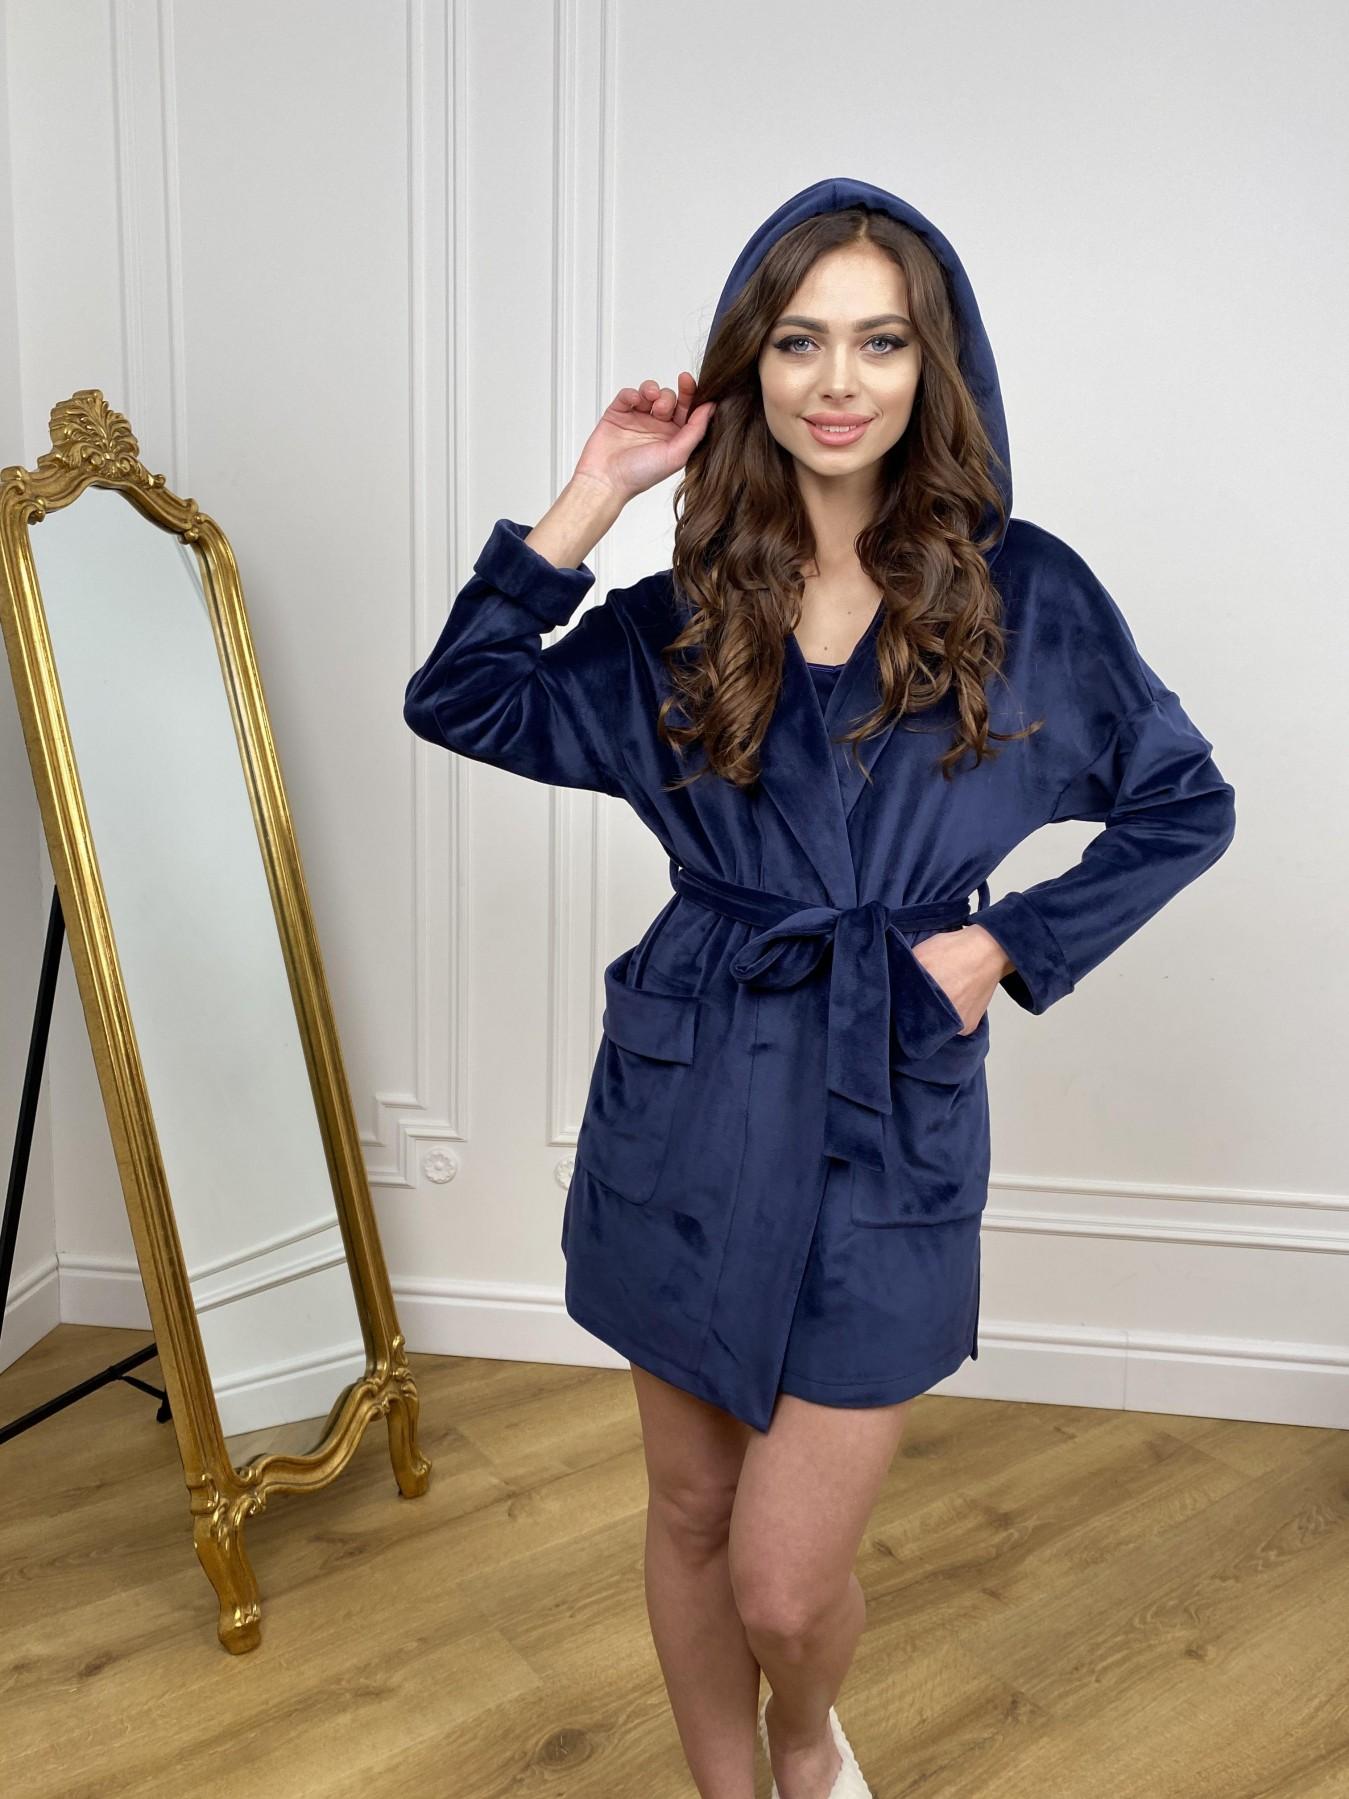 Фабьен мини халат из велюровой ткани 10516 АРТ. 46864 Цвет: т. синий - фото 4, интернет магазин tm-modus.ru